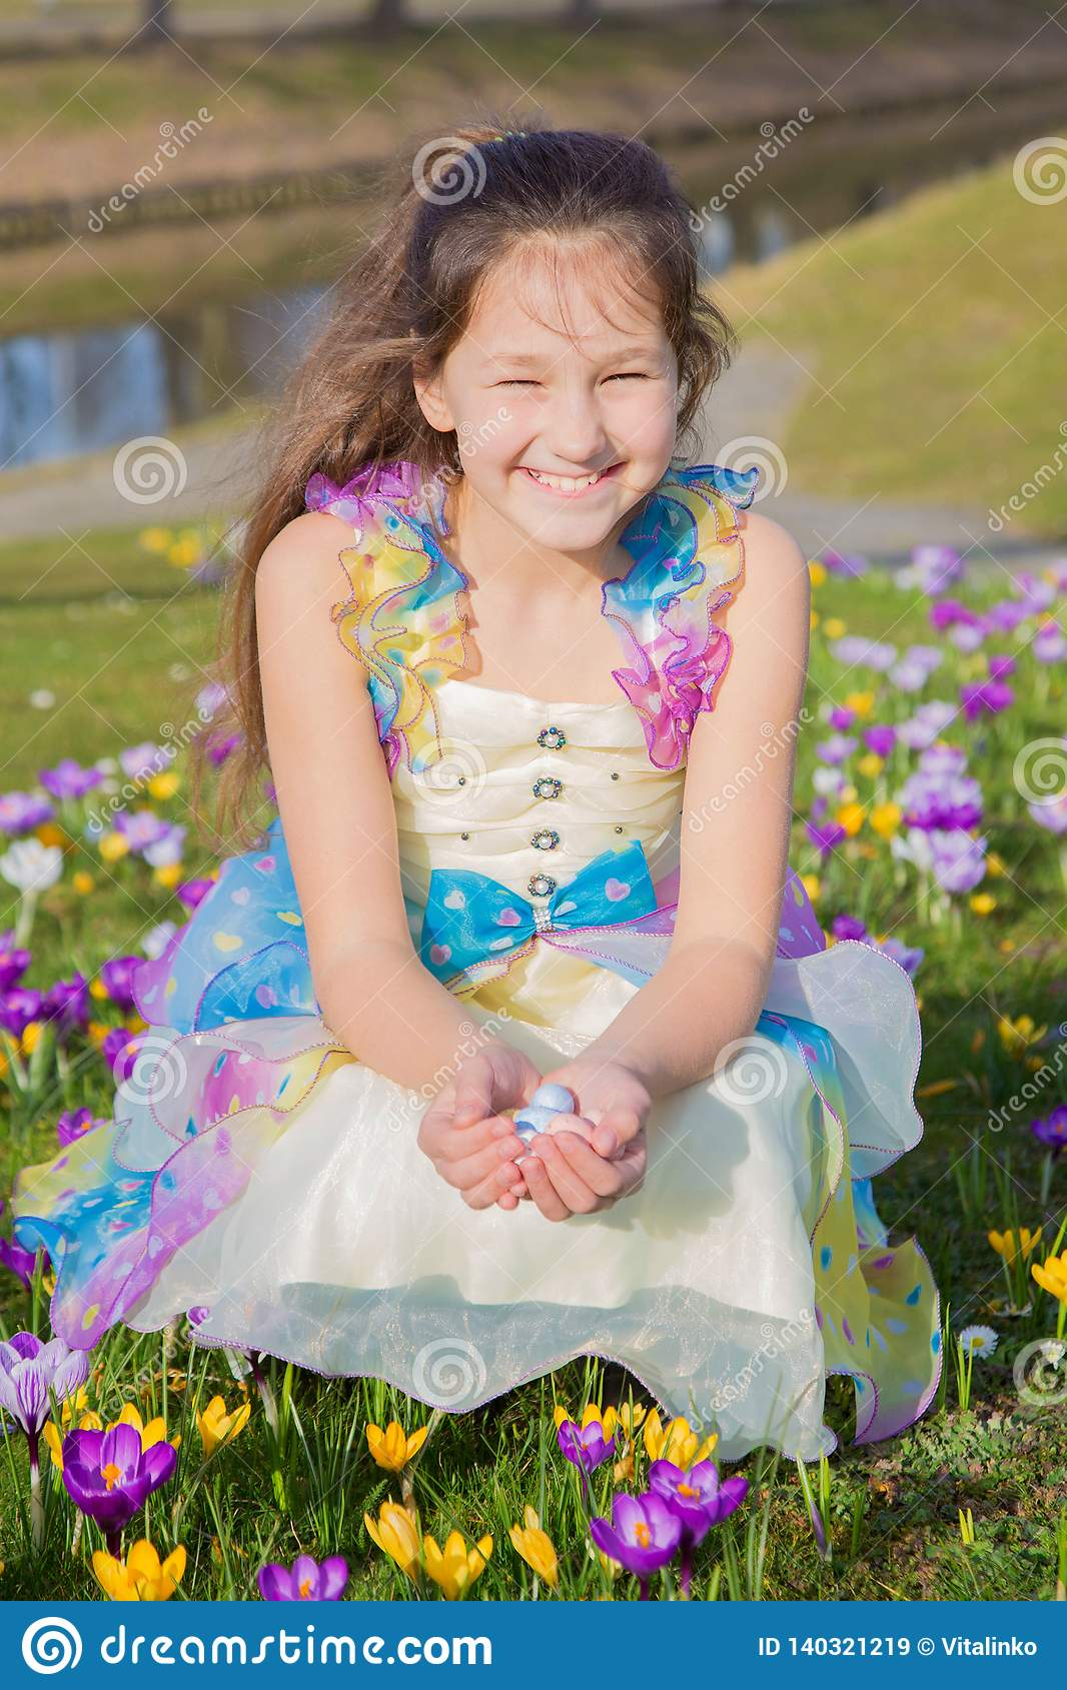 La fille adorable rassemble des oeufs de chocolat de Pâques parmi des fleurs